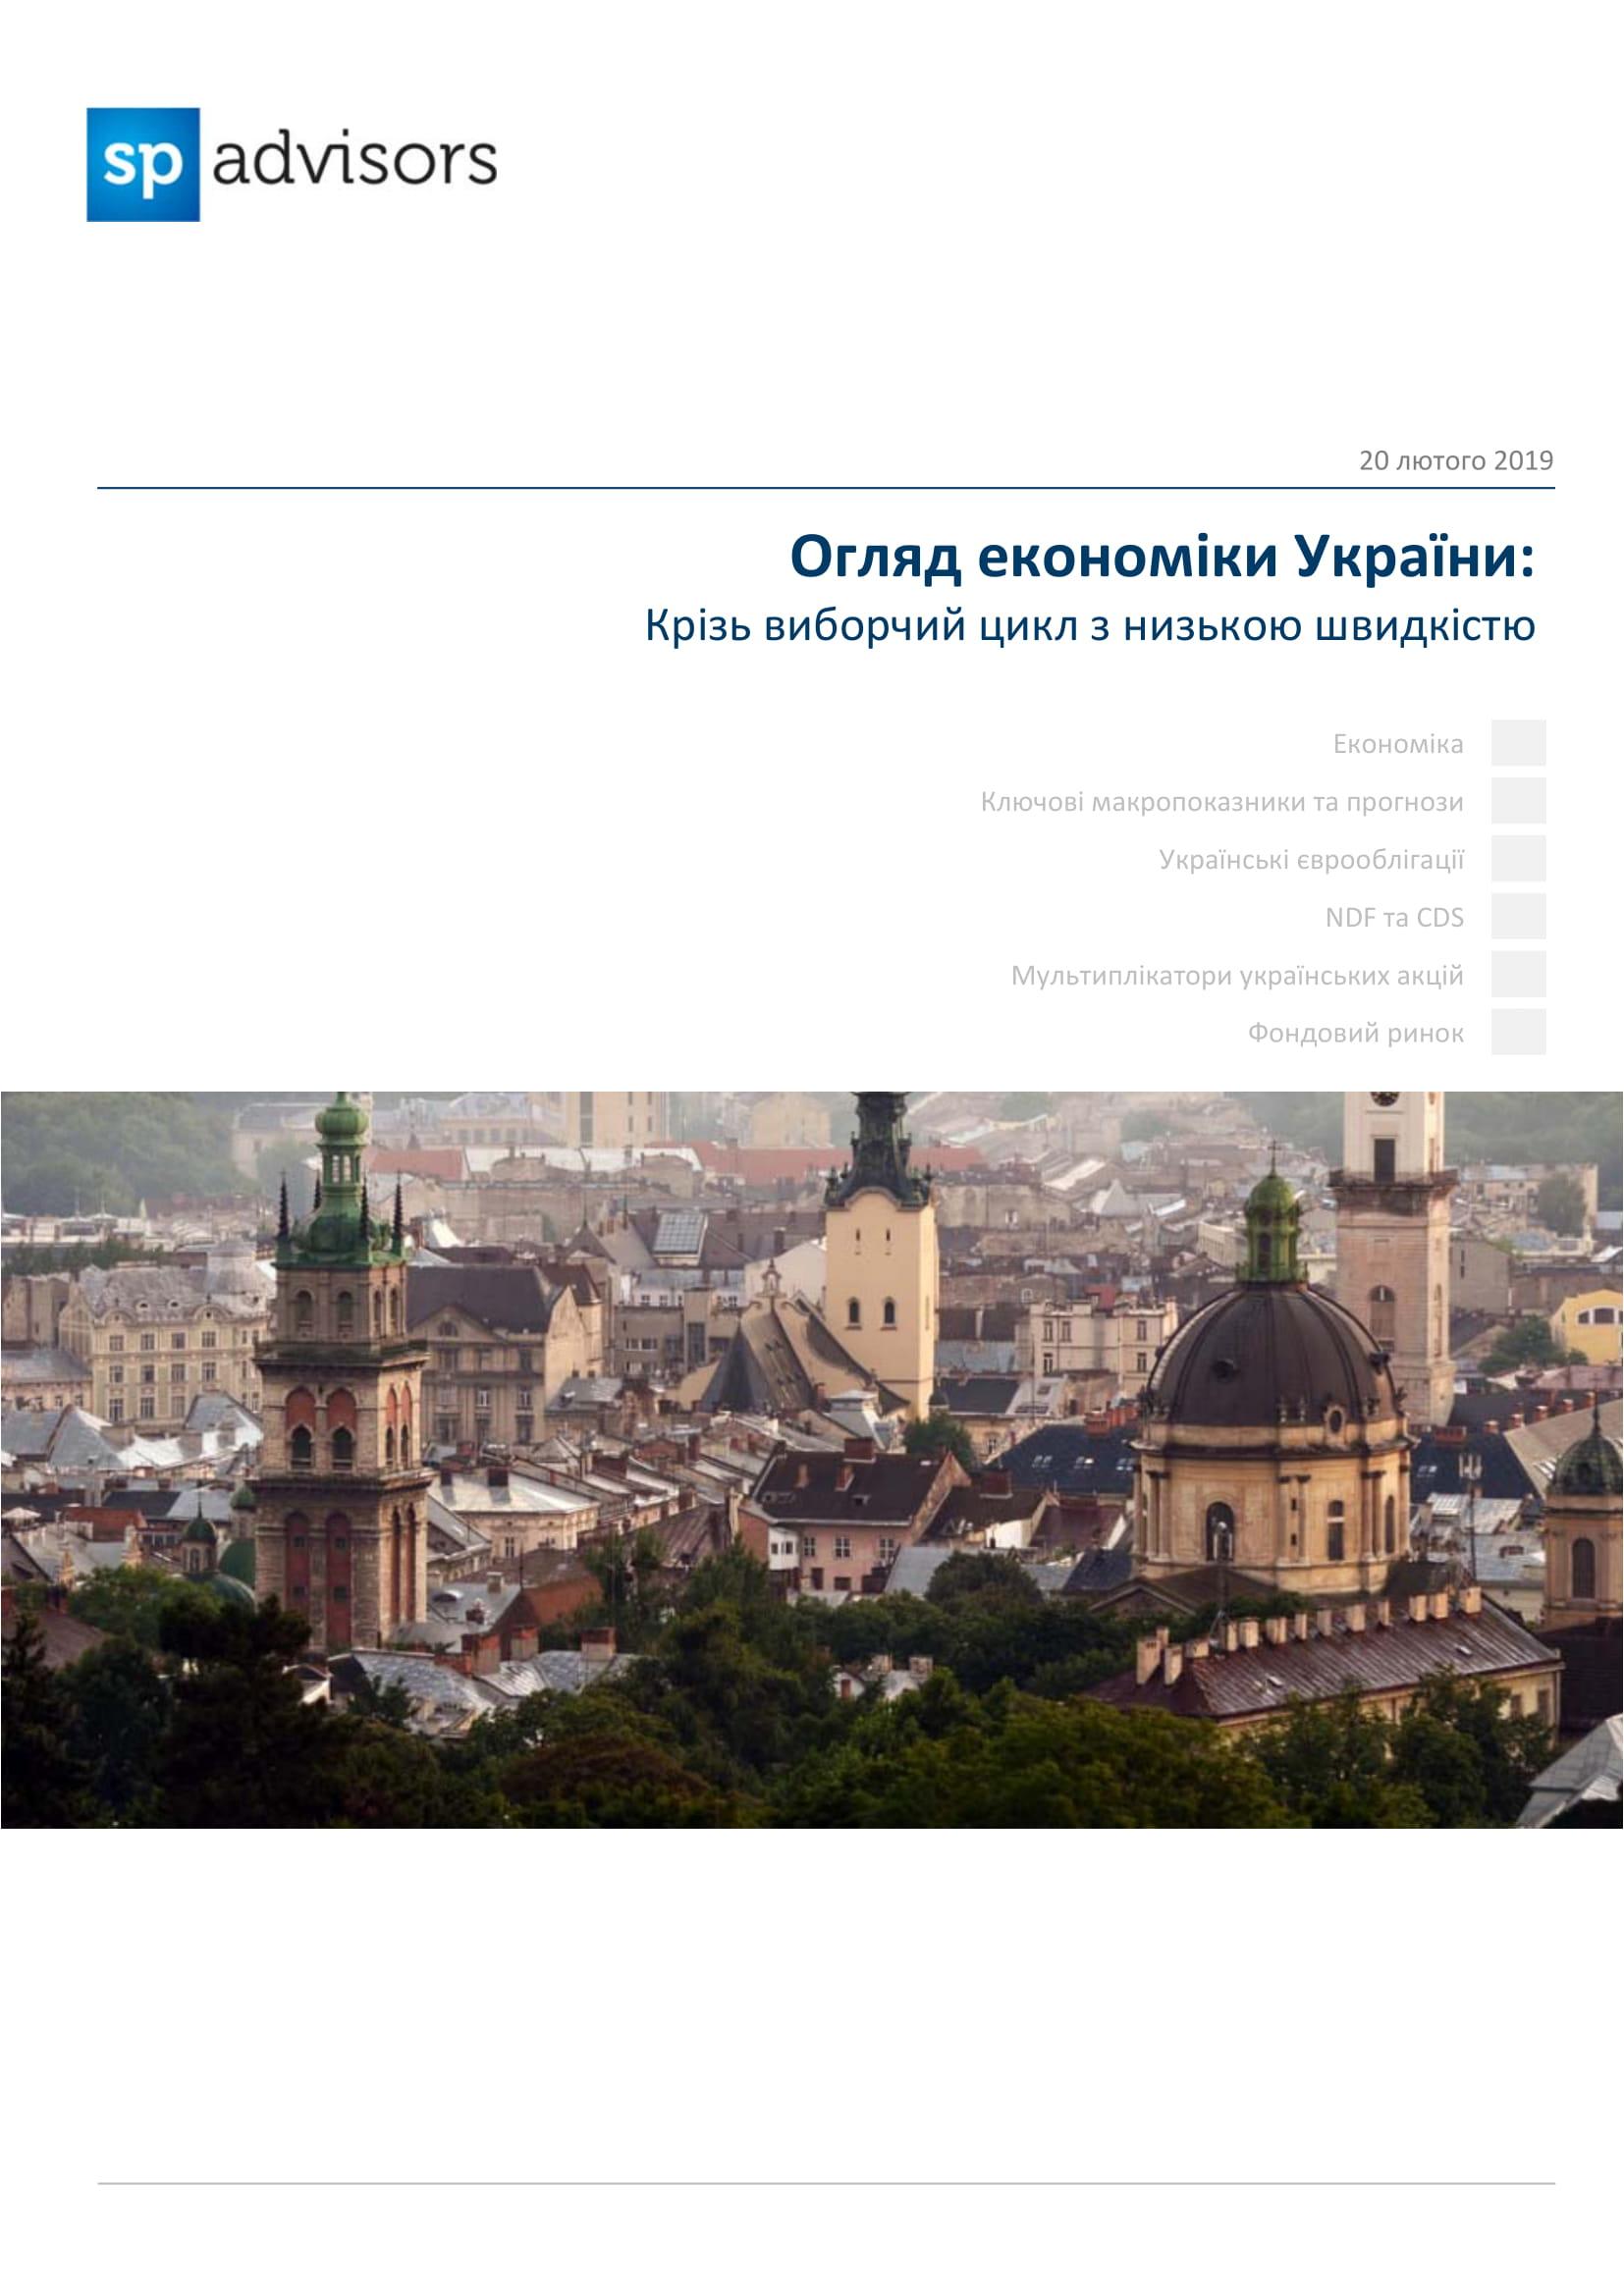 Огляд економіки України: Крізь виборчий цикл з низькою швидкістю